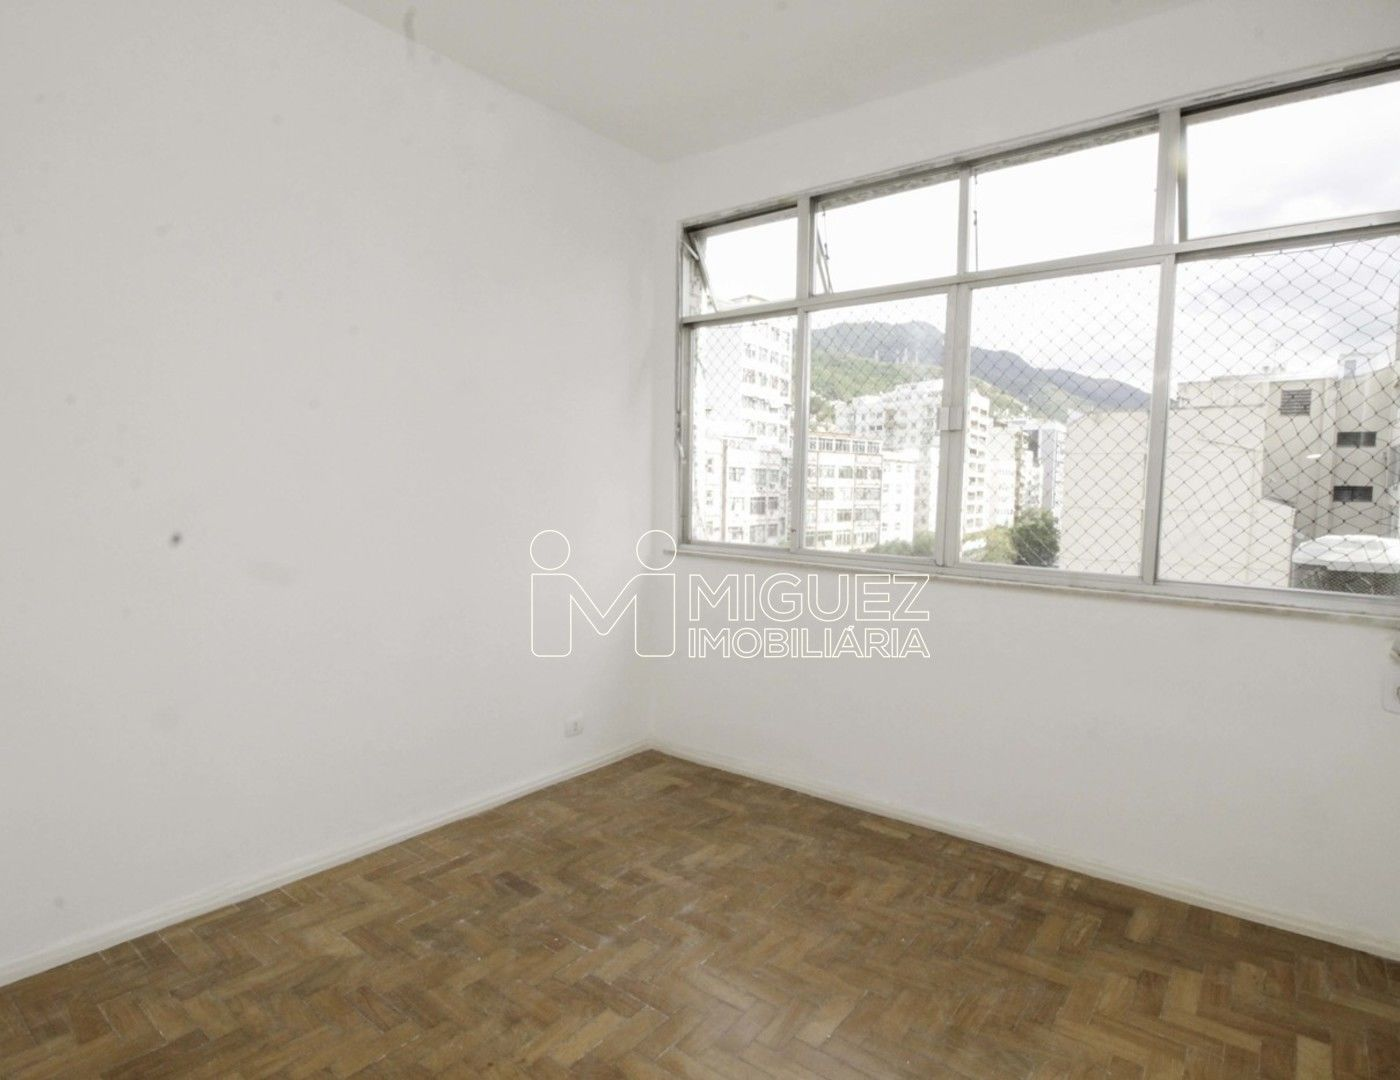 Apartamento, aluguel, Rua Alfredo Pinto - Tijuca , Rio de janeiro